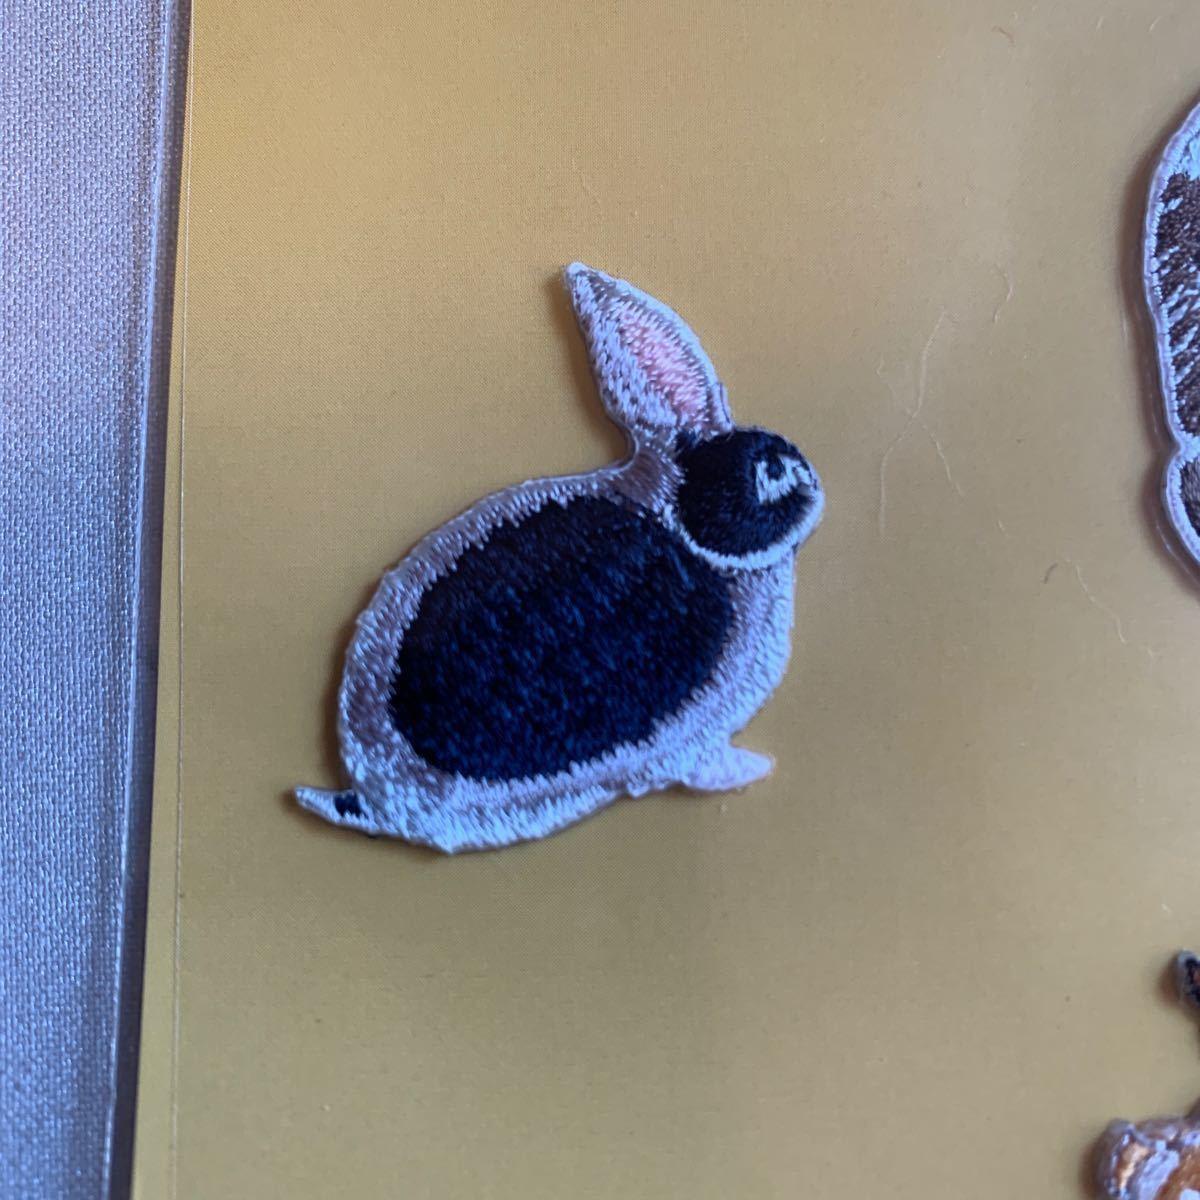 アイロンワッペン 刺繍シール 山種美術館グッズ